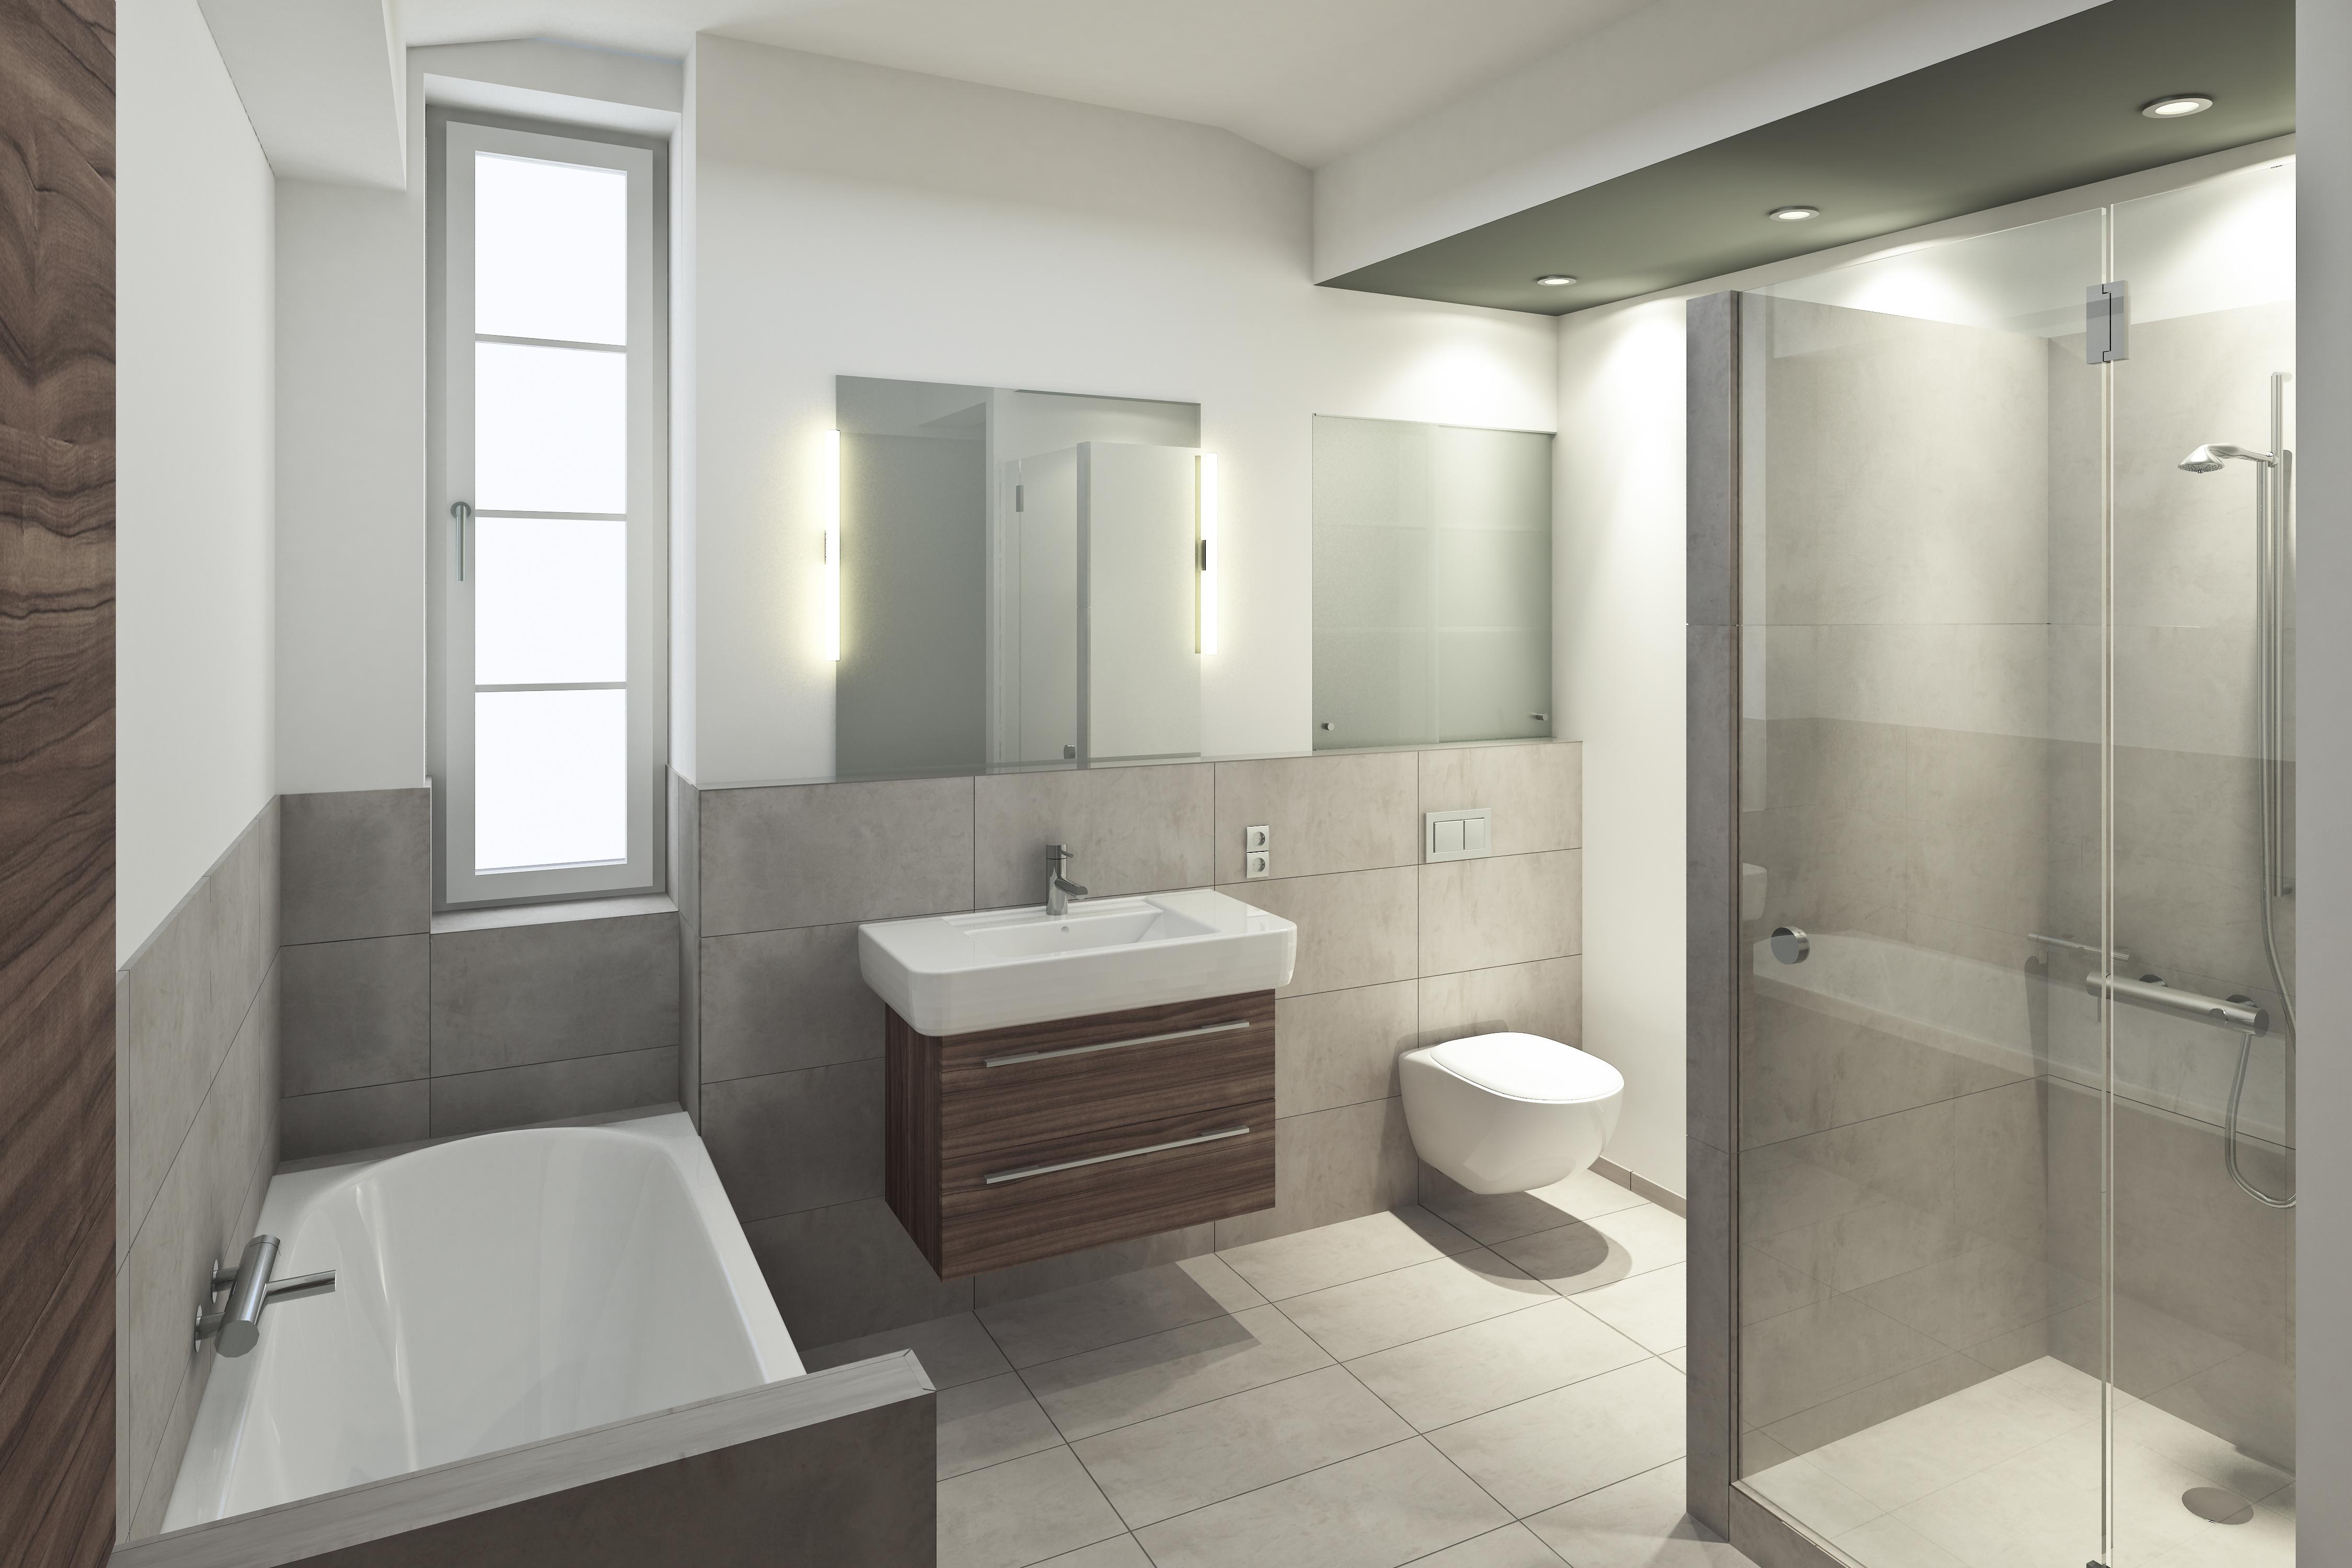 Moderne Badezimmer | Trends & inspirierende Beispielbilder - HEROLD.at